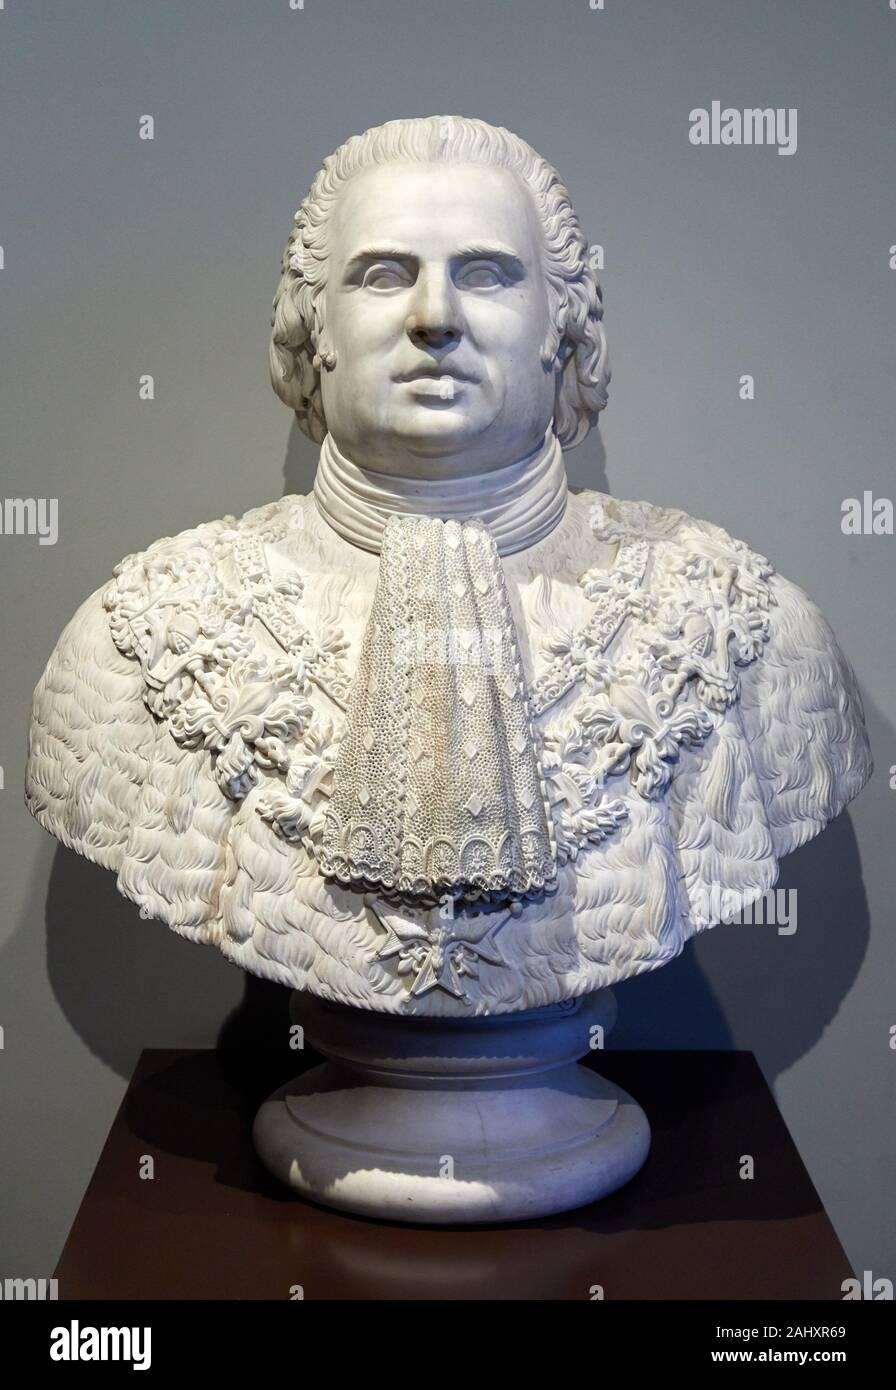 """""""""""""""Louis XVIII, King of France and Navarre (1755-1824)"""""""", 1818, Charles Dupaty, Musée de l'Armée, Hôtel National des Invalides, Paris, France Stock Photo"""